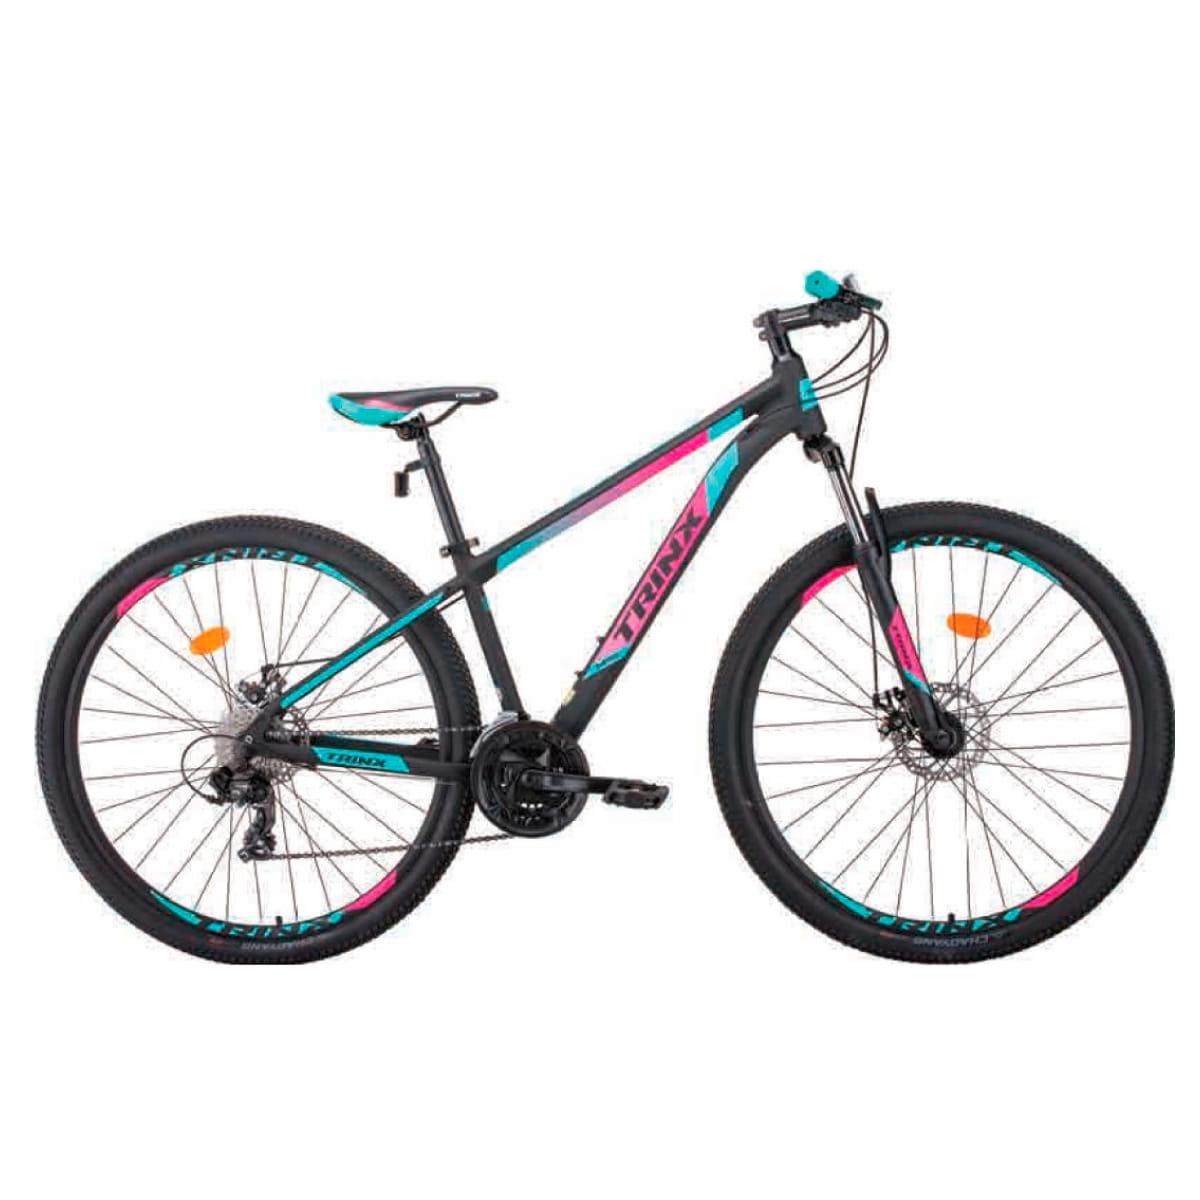 Bike Trinx M100 Max 2020 24v Shimano Verde Rosa